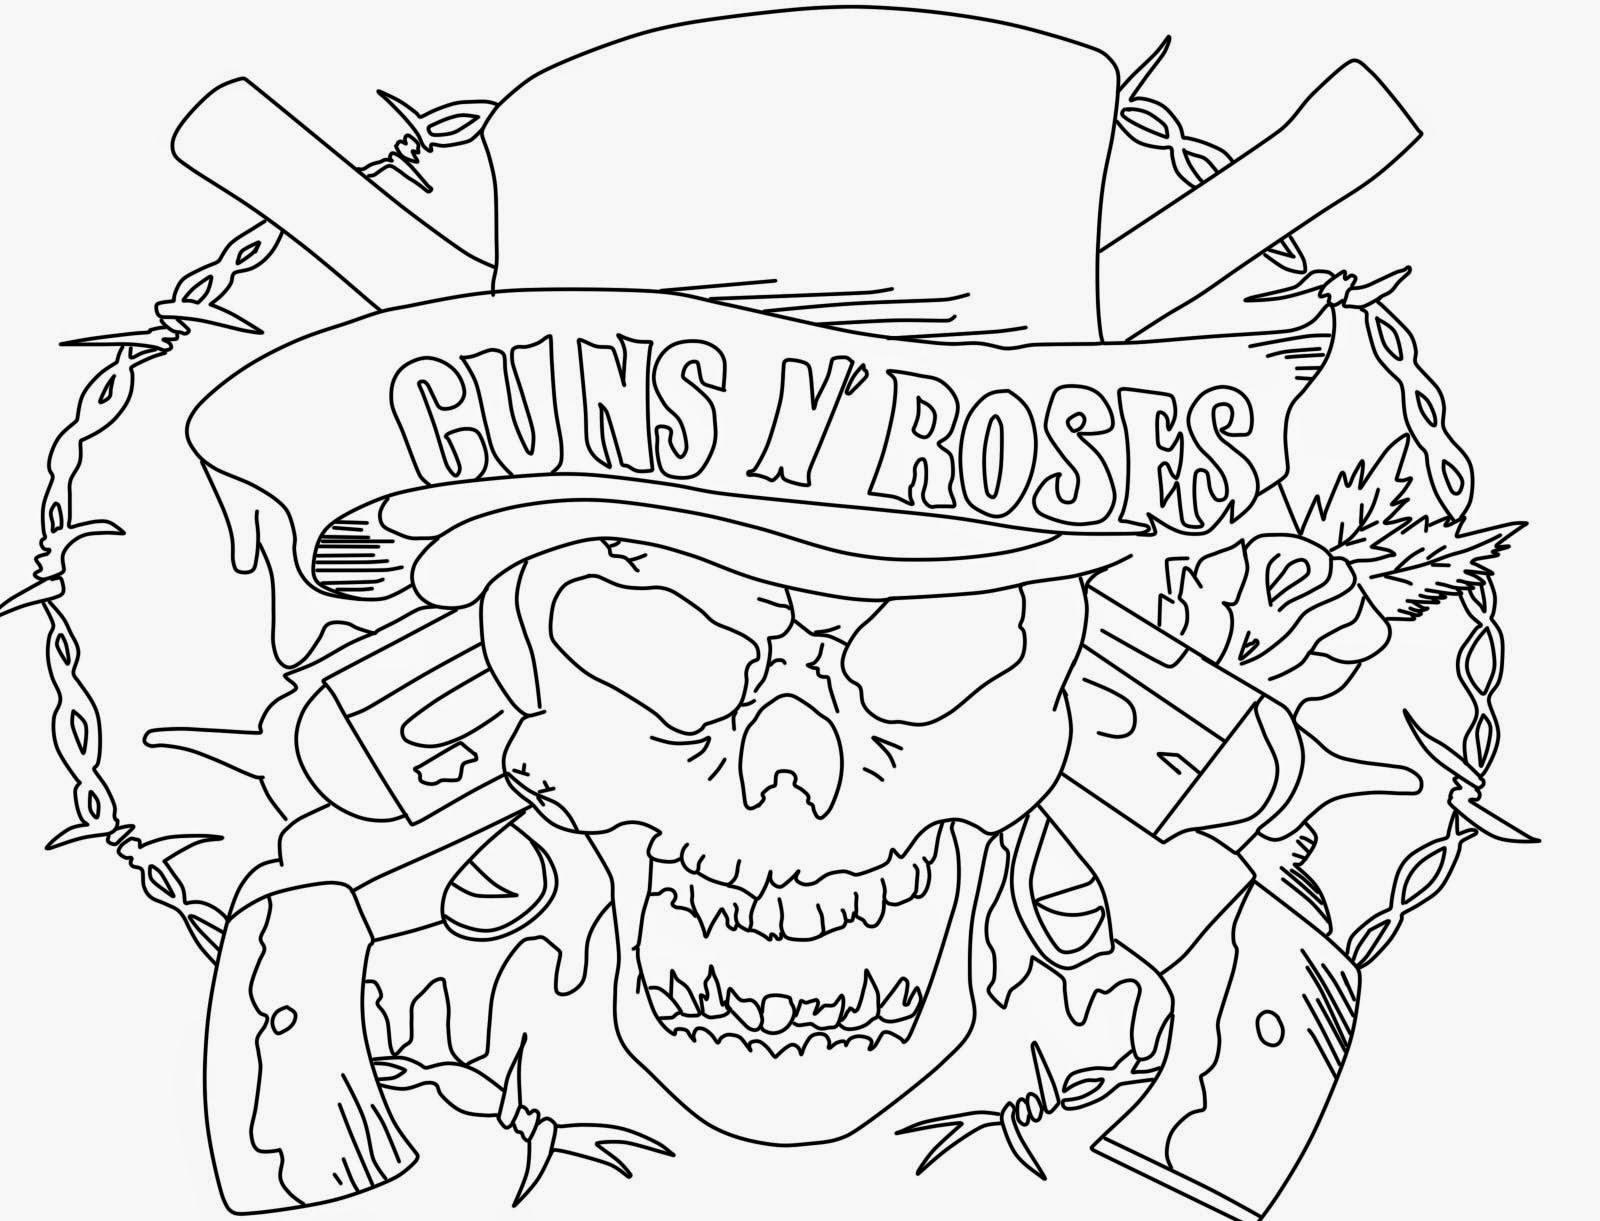 Guns And Roses Logos Coloring Coloring